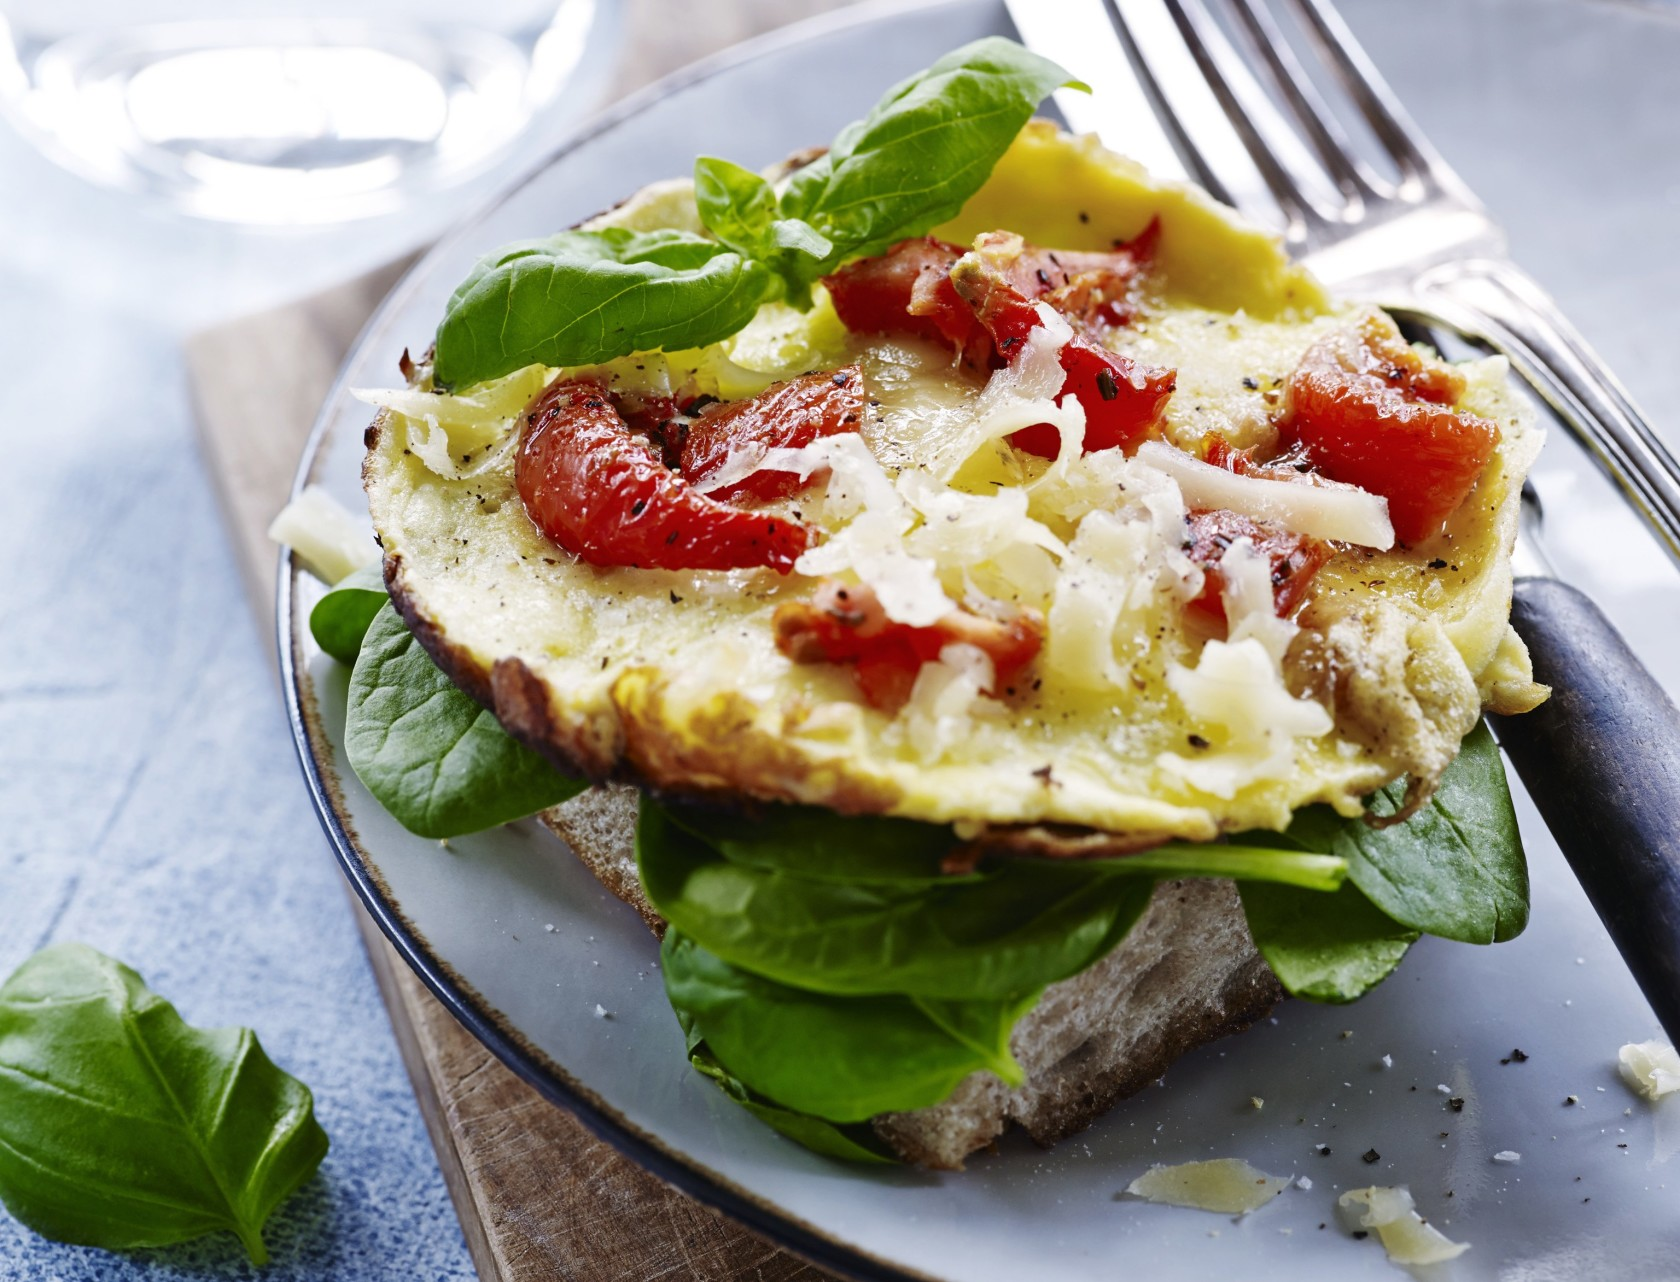 Nem og lækker omelet med tomater og brød.